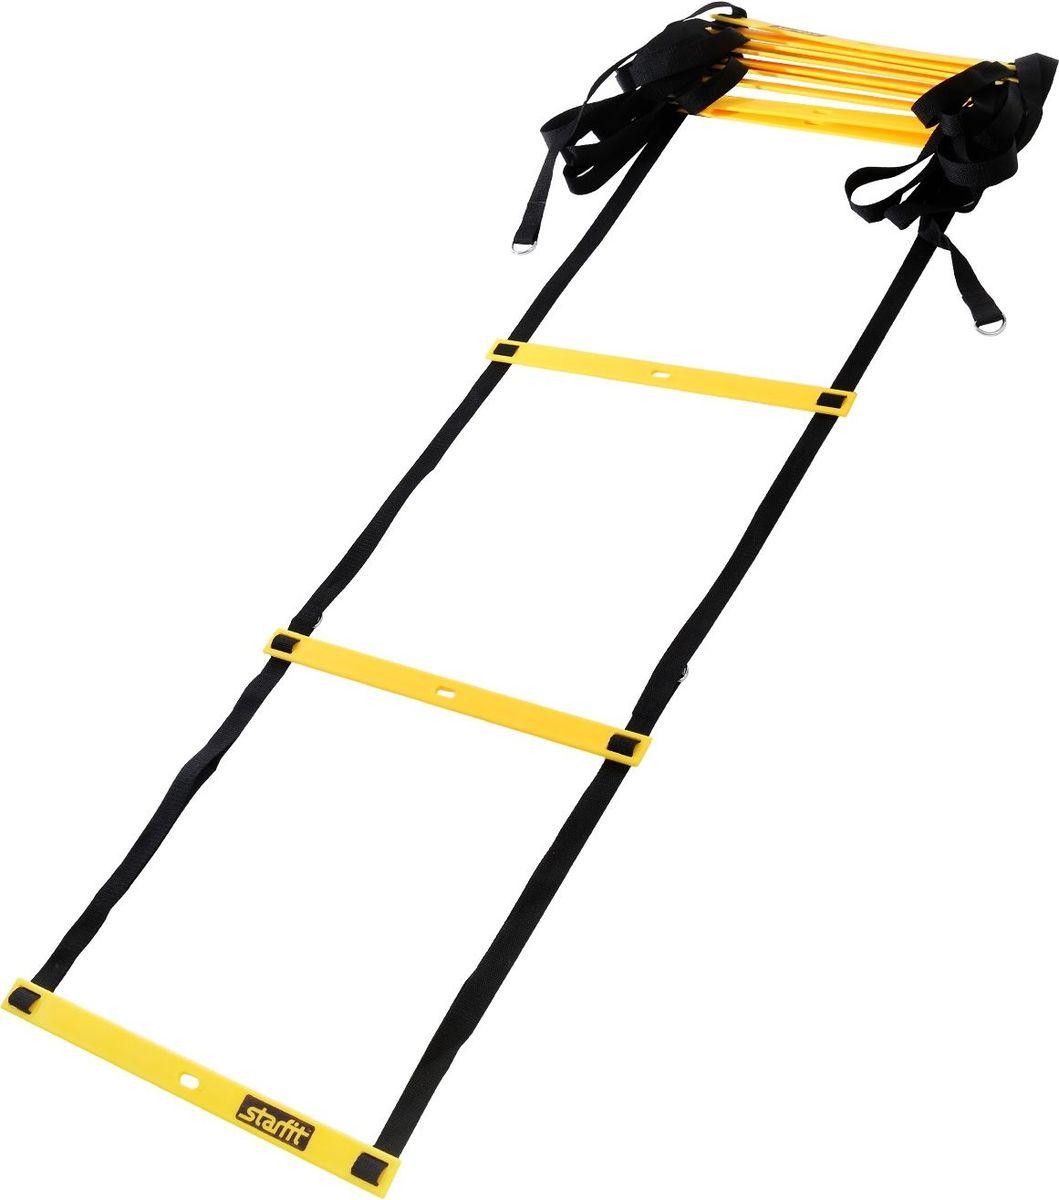 Лестница координационная Starfit FA-601, цвет: желтый, черныйУТ-00009803Лестница координационная FA-601– высокоэффективный универсальный аксессуар комплексного типа. Упражнения на координационной лестнице тренируют скорость и выносливость, повышают контроль над балансом тела. Эти качества необходимы в игровых видах спорта. Благодаря габаритам тренажера занятия легко провести не только в зале, но и на улице или на природе.